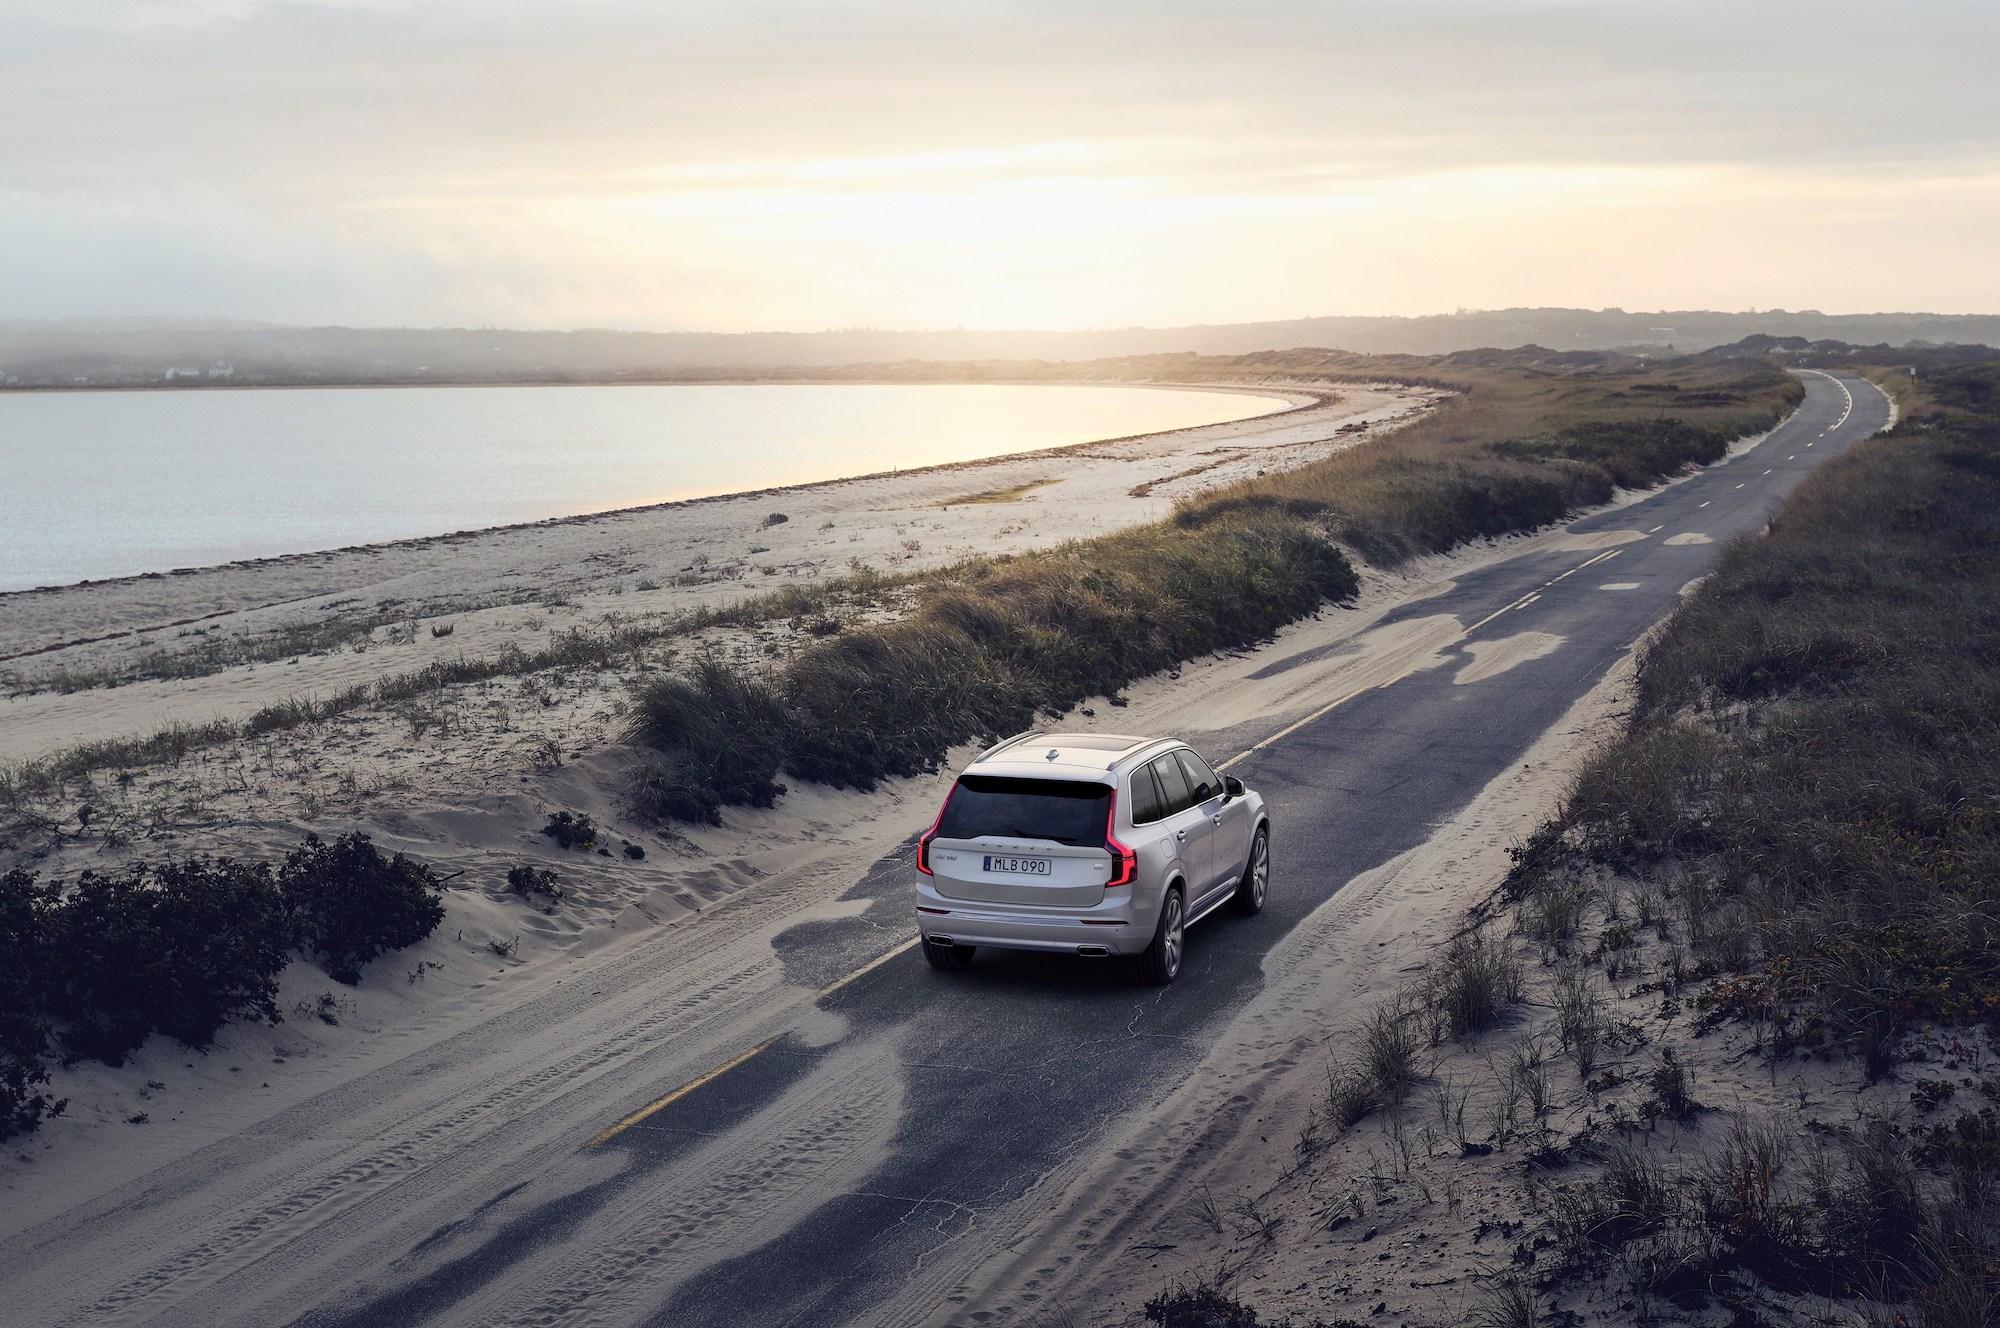 Elektrisch, sicher, klimaneutral: Das ist die Volvo Vision 2040